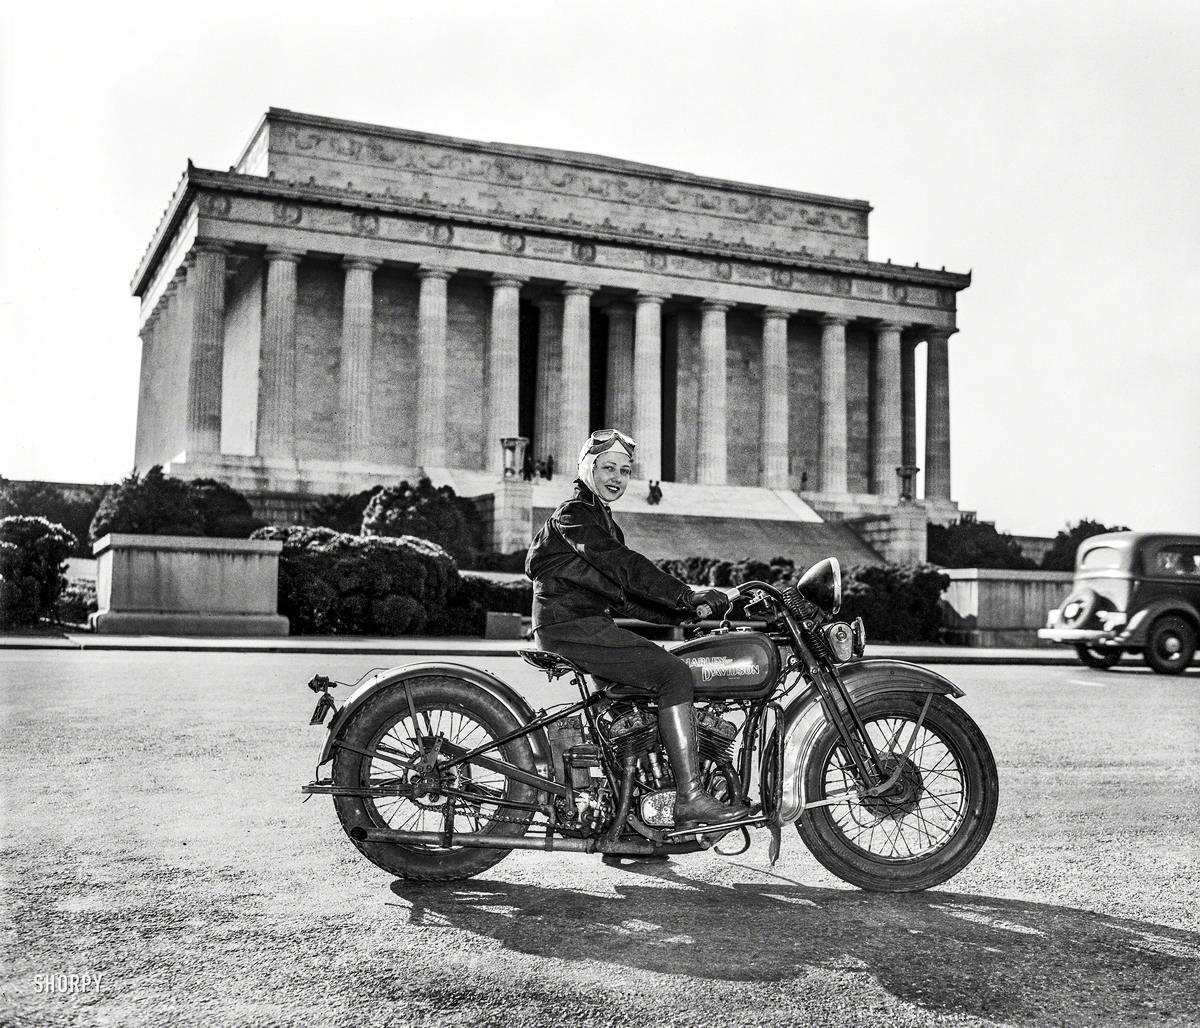 Салли Холтермен - первой женщина, которая получила права на вождение мотоцикла в округе Колумбия (1937 год)